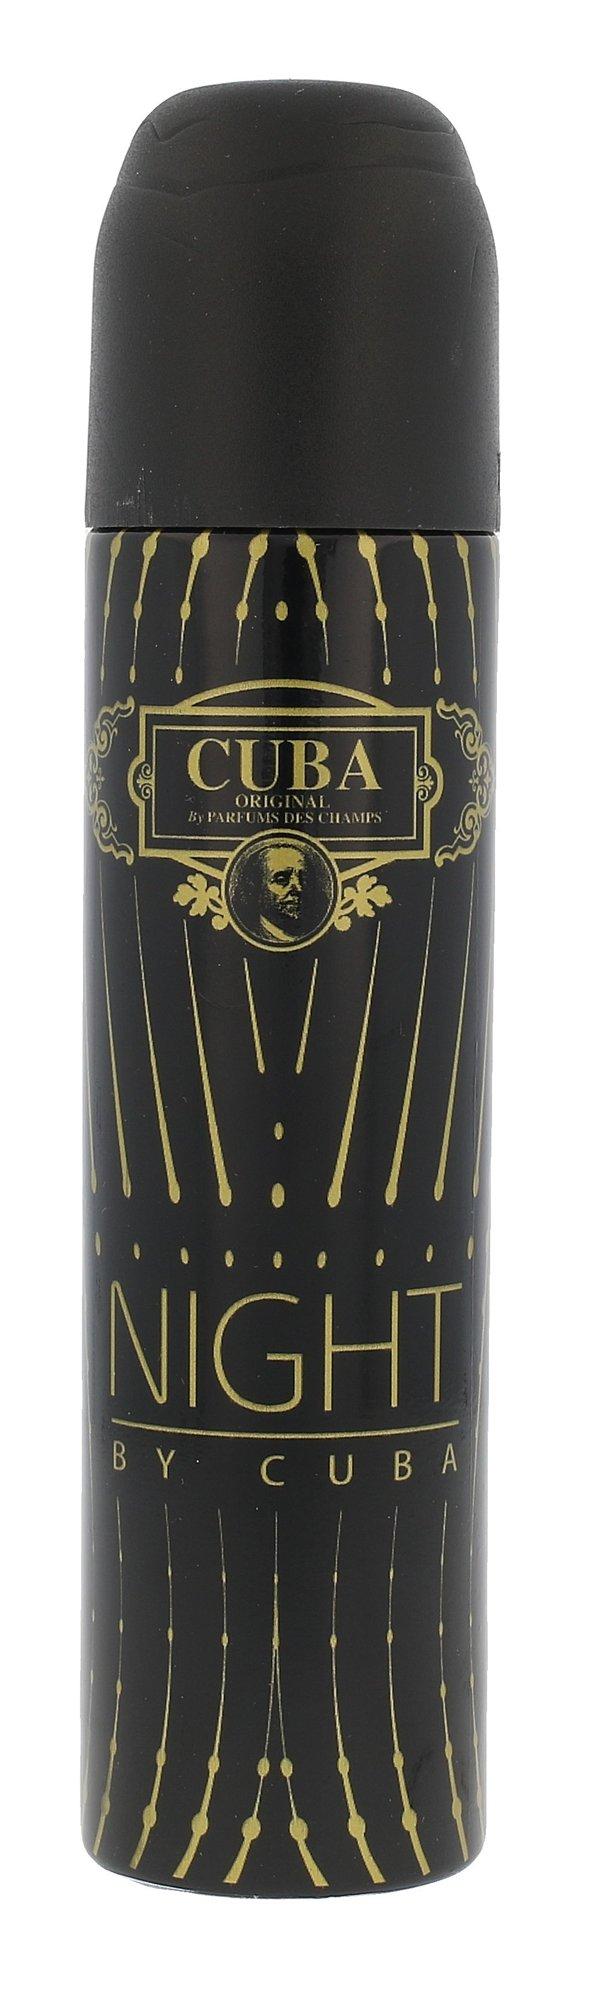 Cuba Cuba Night Eau de Parfum 100ml